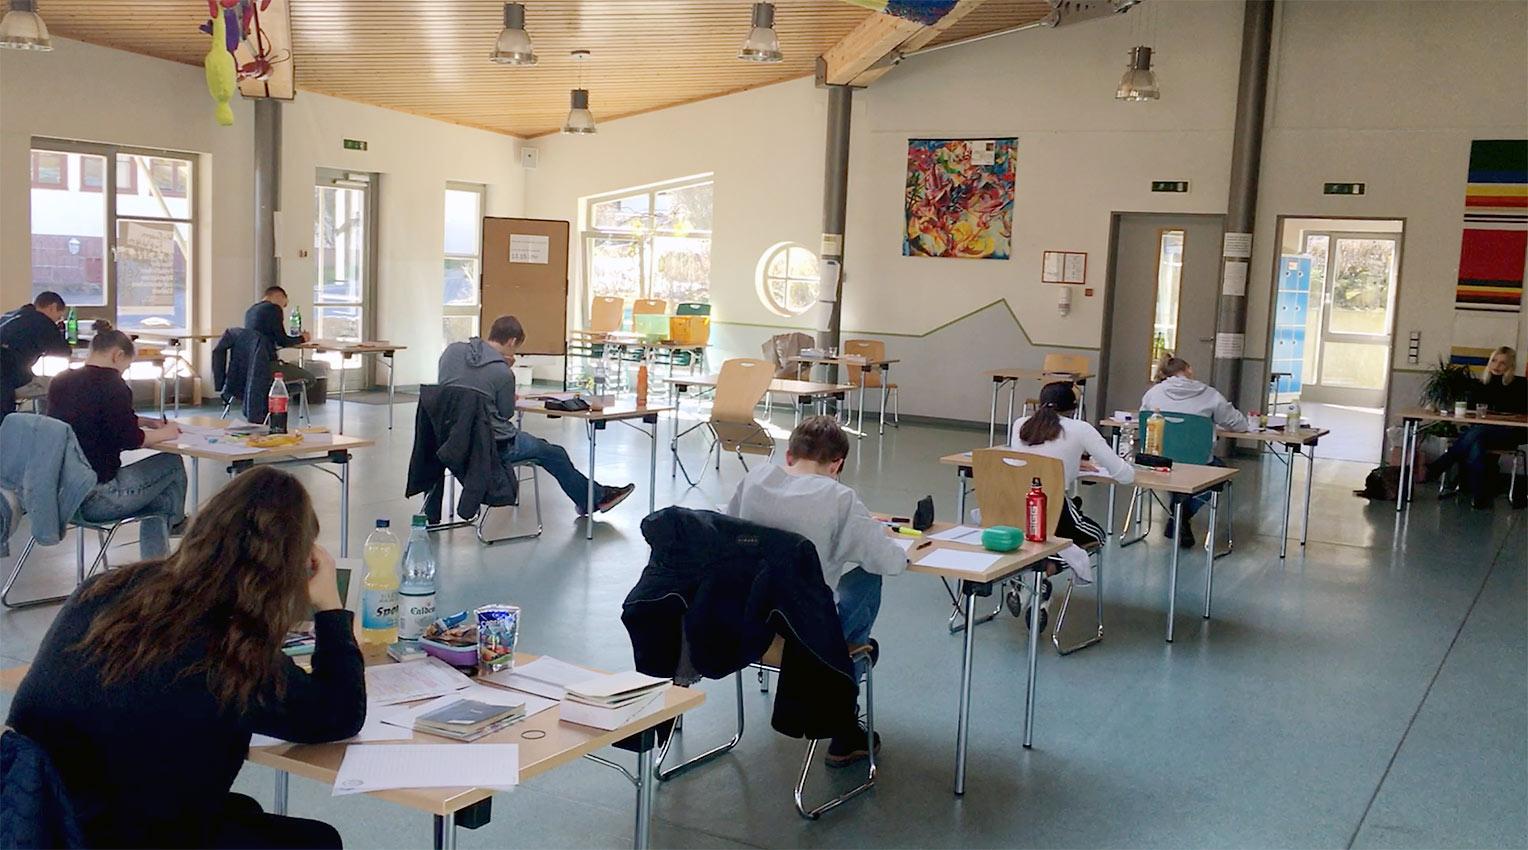 Und sie finden doch statt, die Abiturprüfungen, im Bild Deutsch | Foto: A. Bubrowski/CJD Oberurff